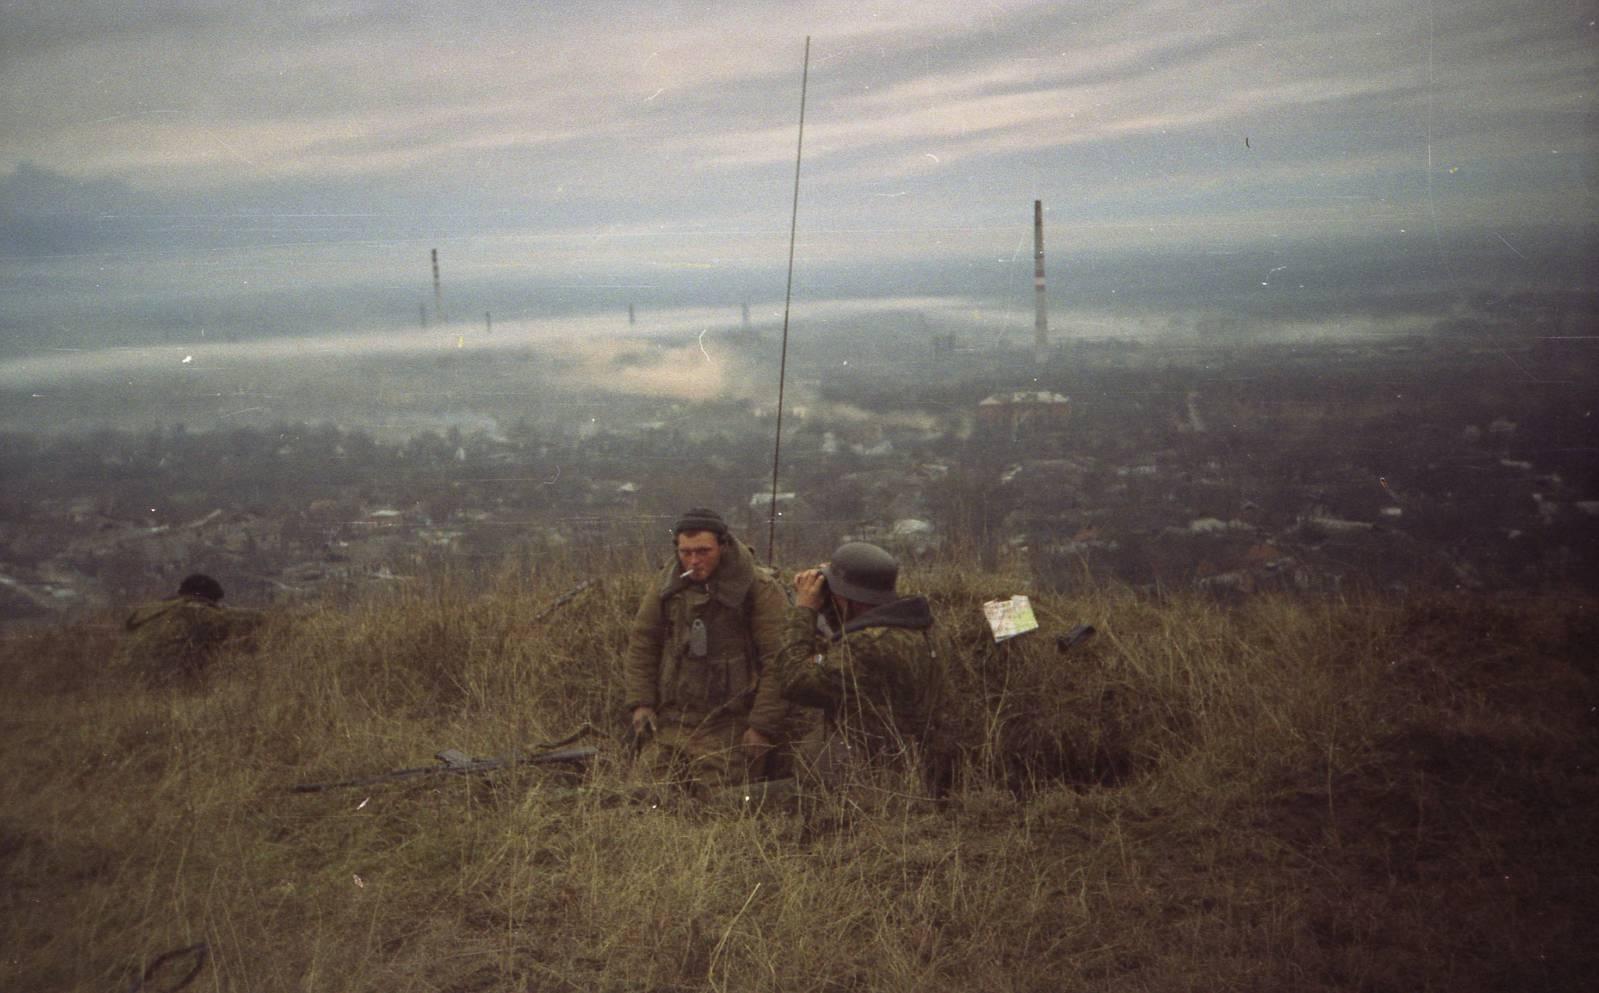 체첸전 당시의 JTAC 임무수행중인 러시아 병사들